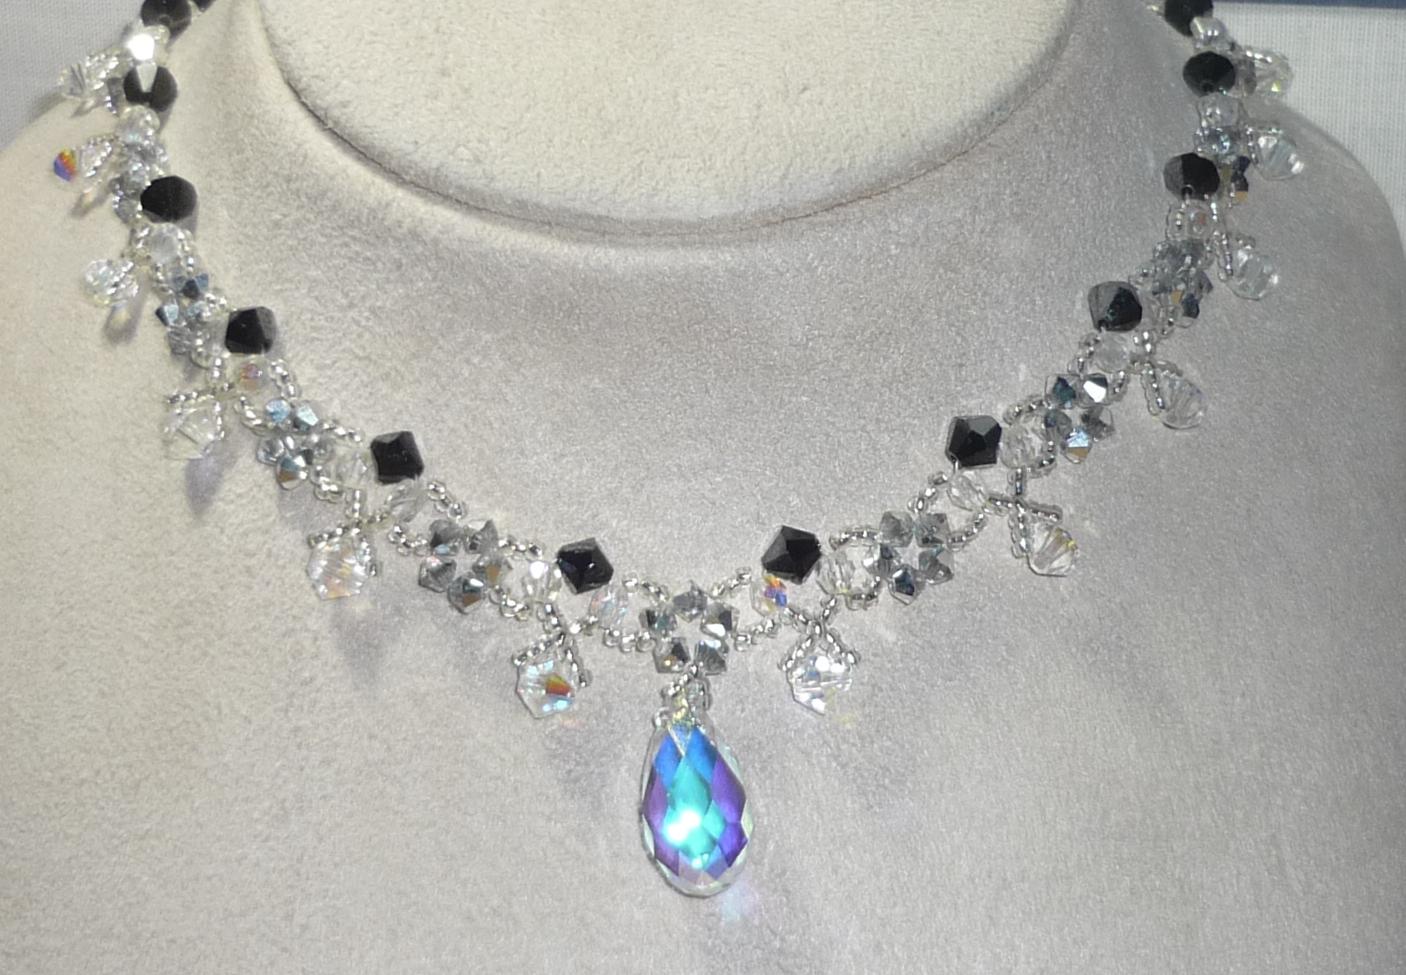 Elegante bisutería con cuentas de cristal tallado, piedras de strass y cuentas glaseadas\u0026quot;. El conjunto es llamado \u0026quot;Joyas para deslumbrar\u0026quot;, si recordais